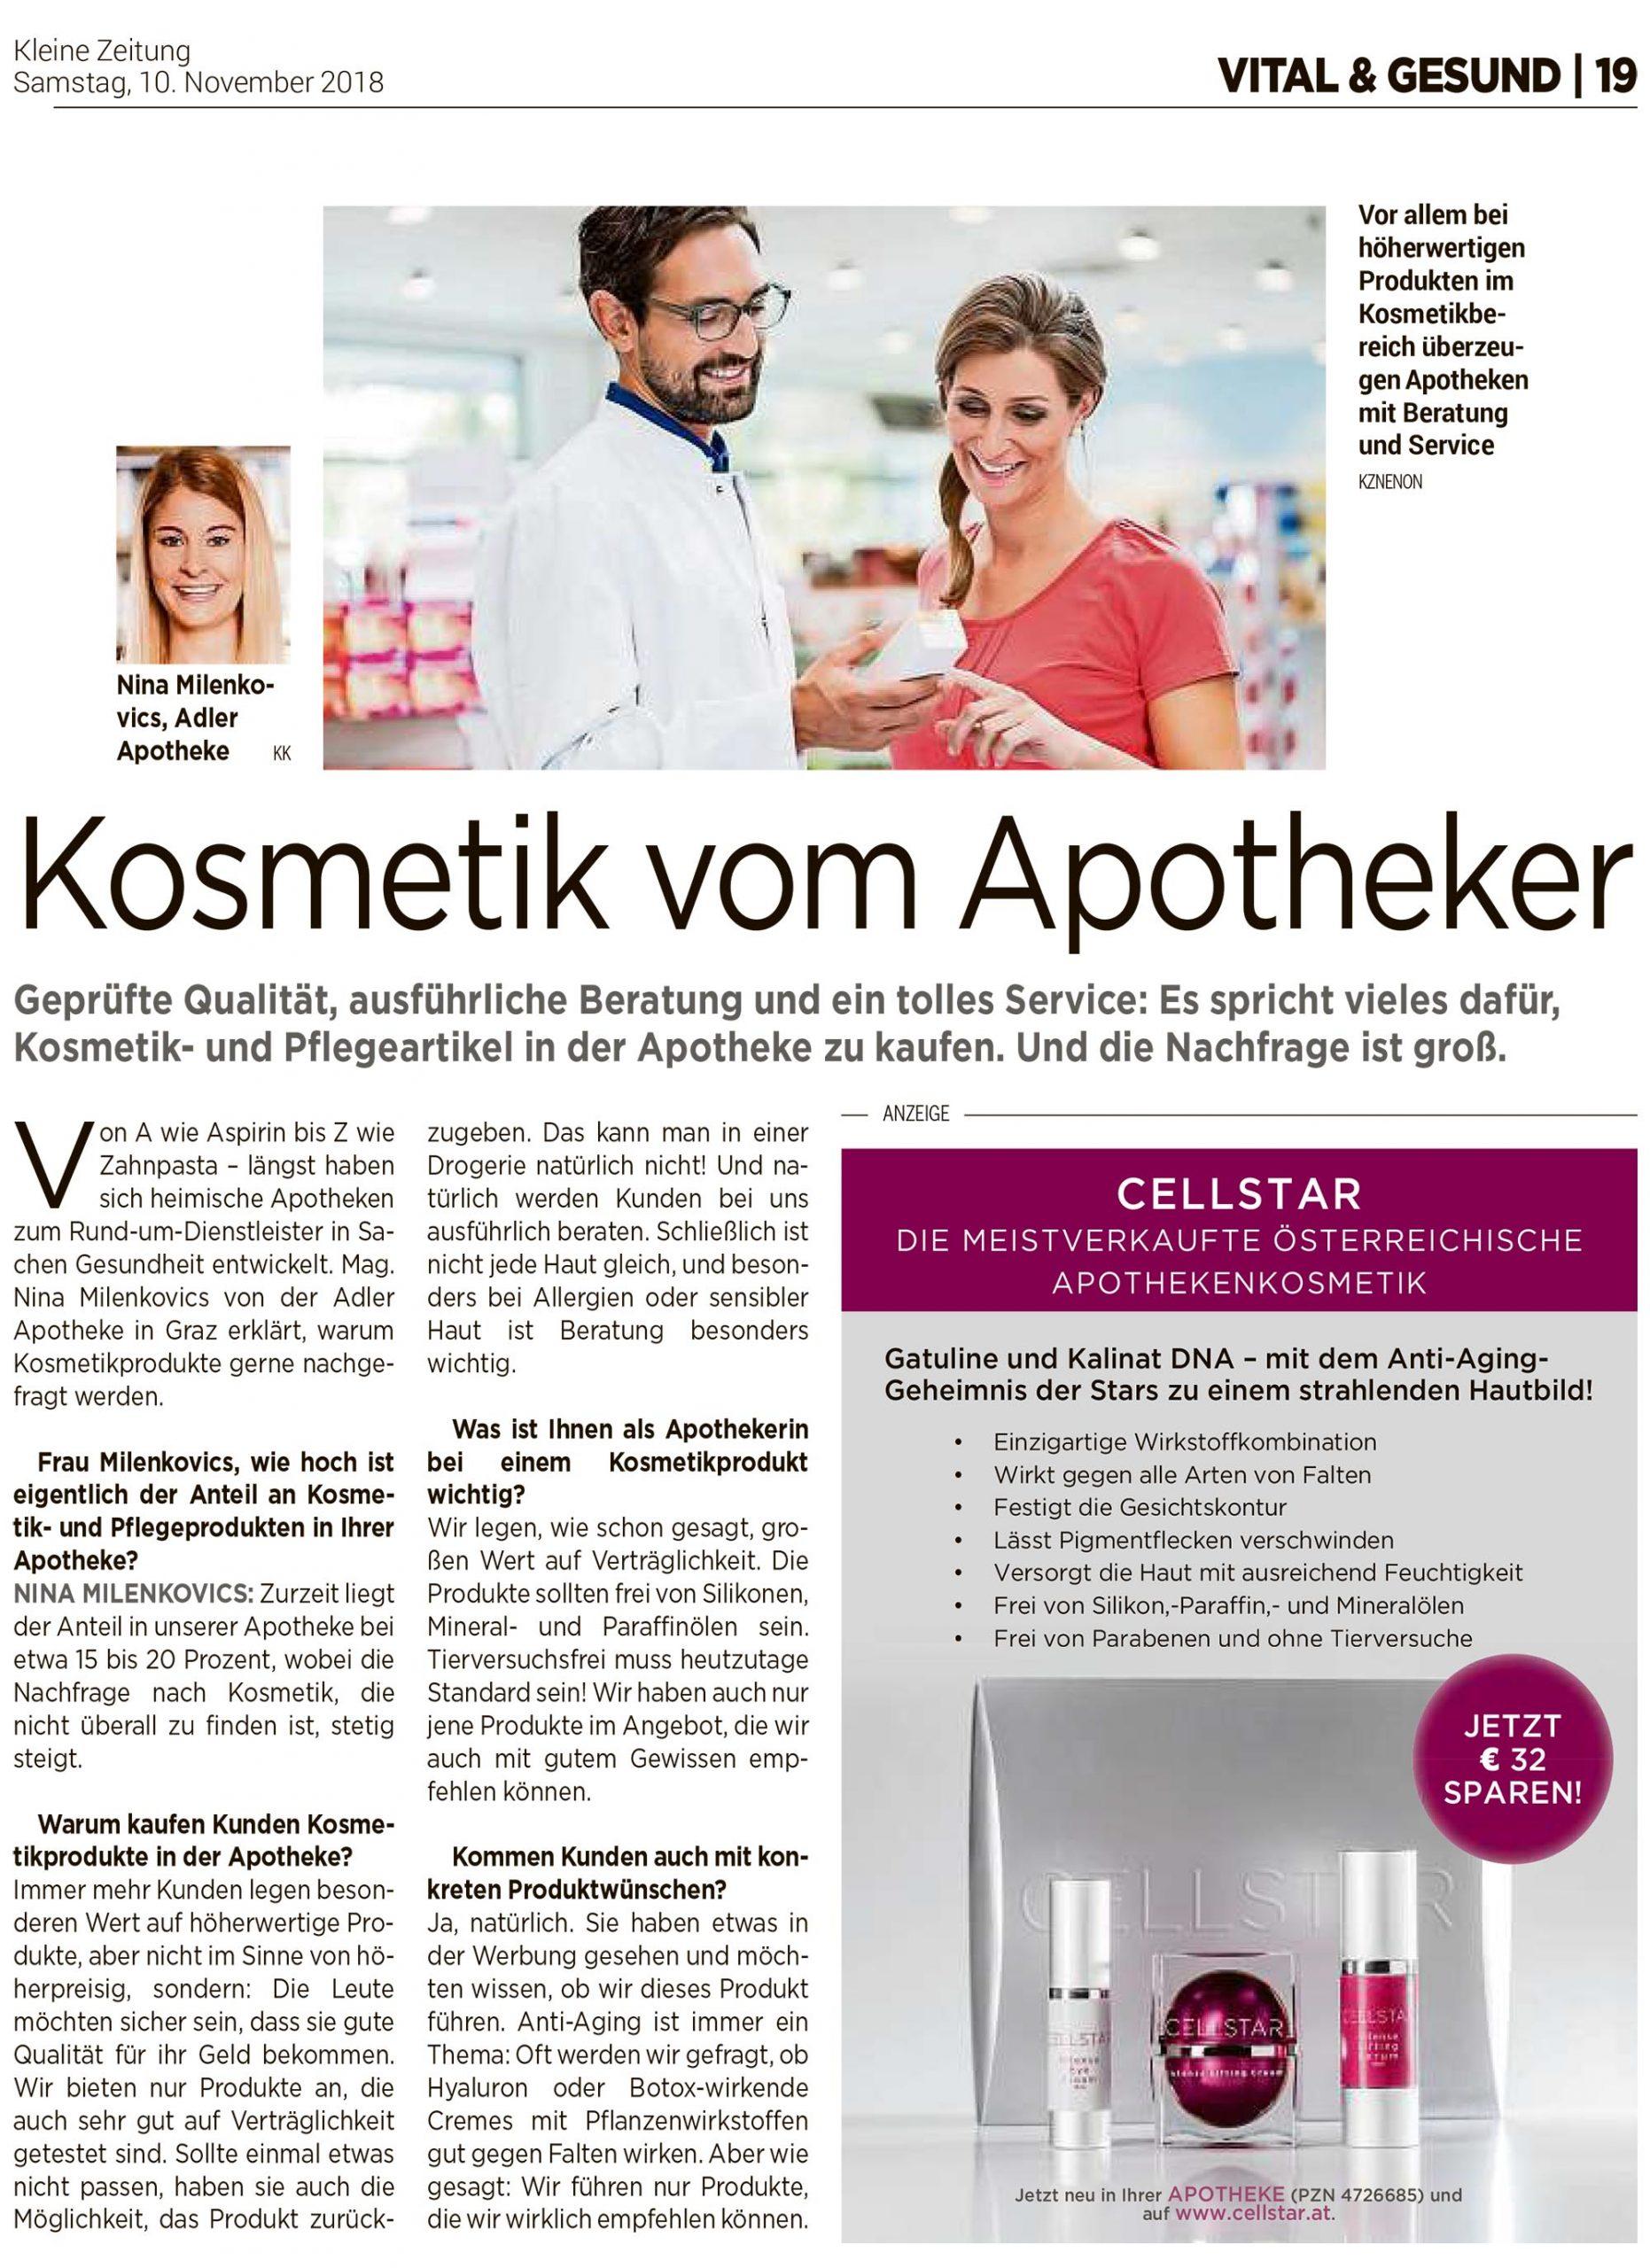 Eingescannter Artikel zu den Anti Aging und gesichtsstraffenden Beauty Produkten von Cellstar Kosmetik